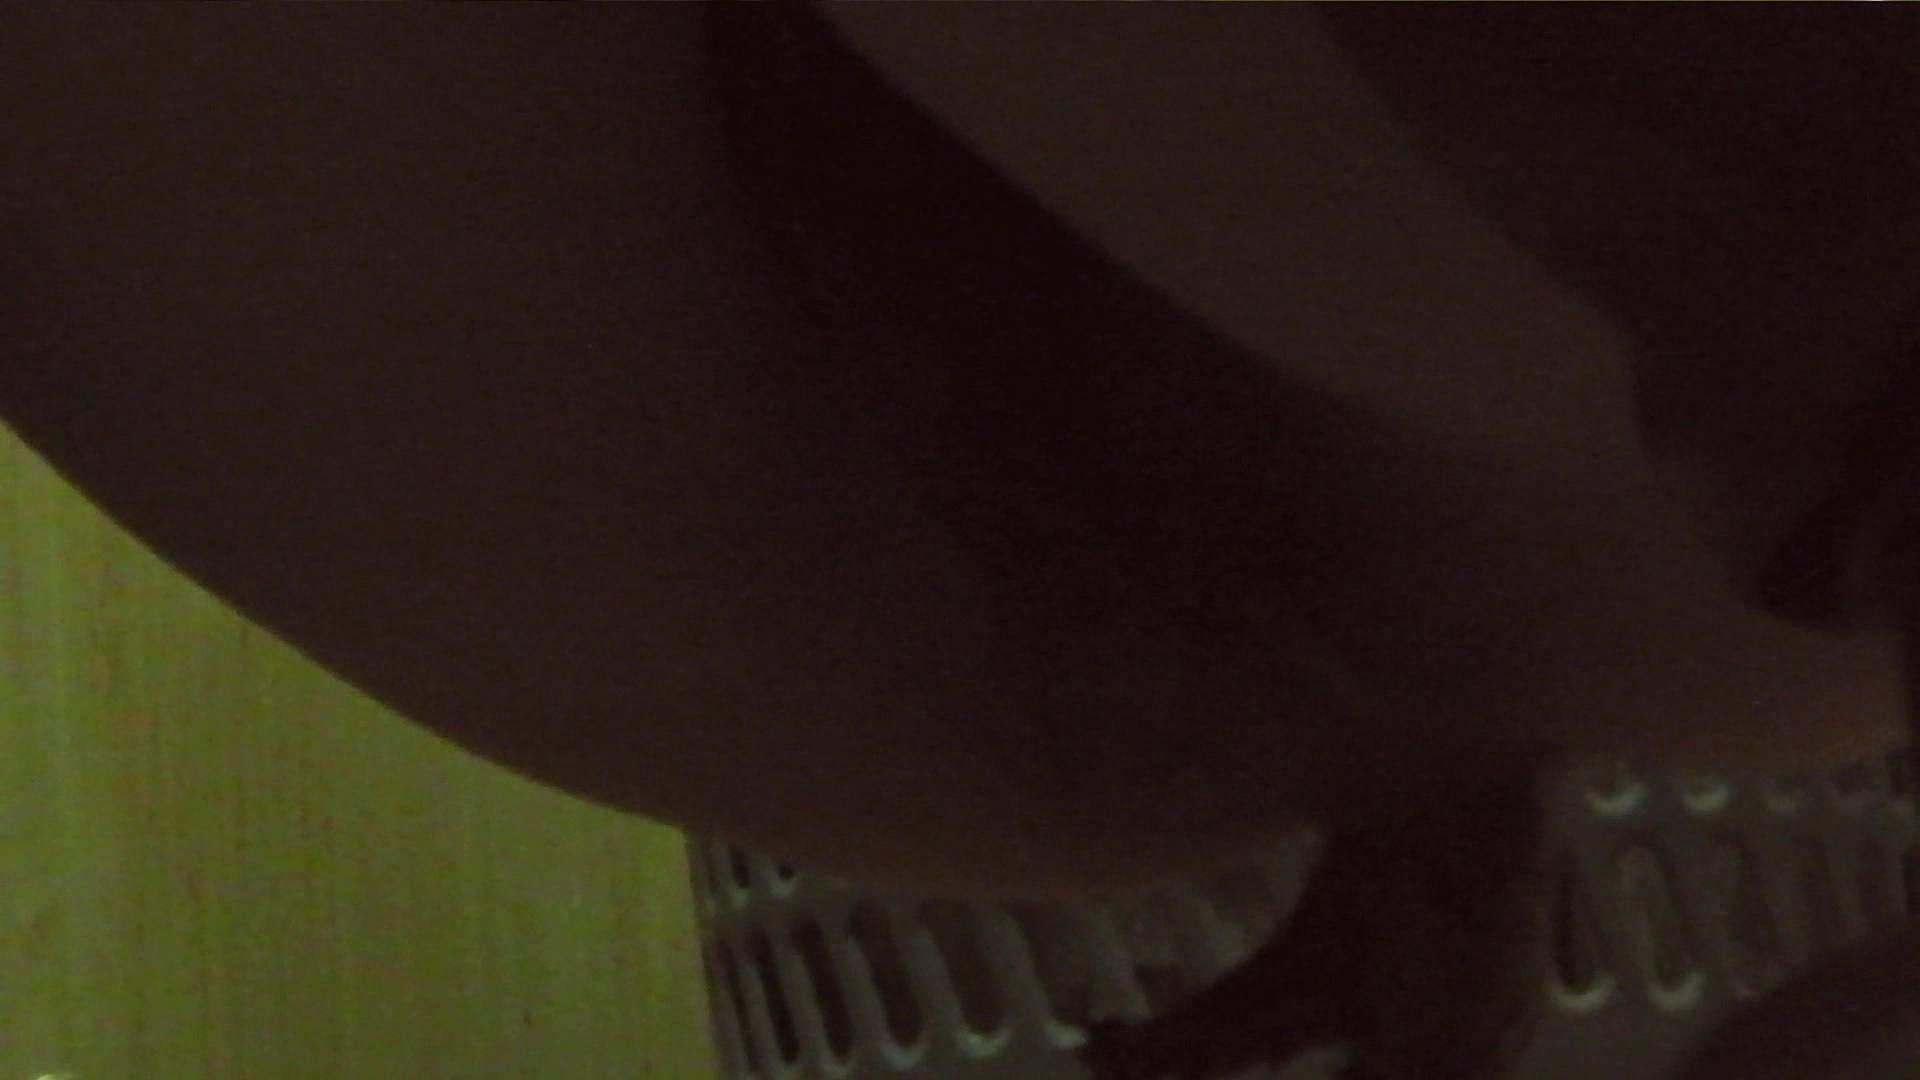 阿国ちゃんの「和式洋式七変化」No.1 洗面所   和式で踏ん張り中  50連発 19